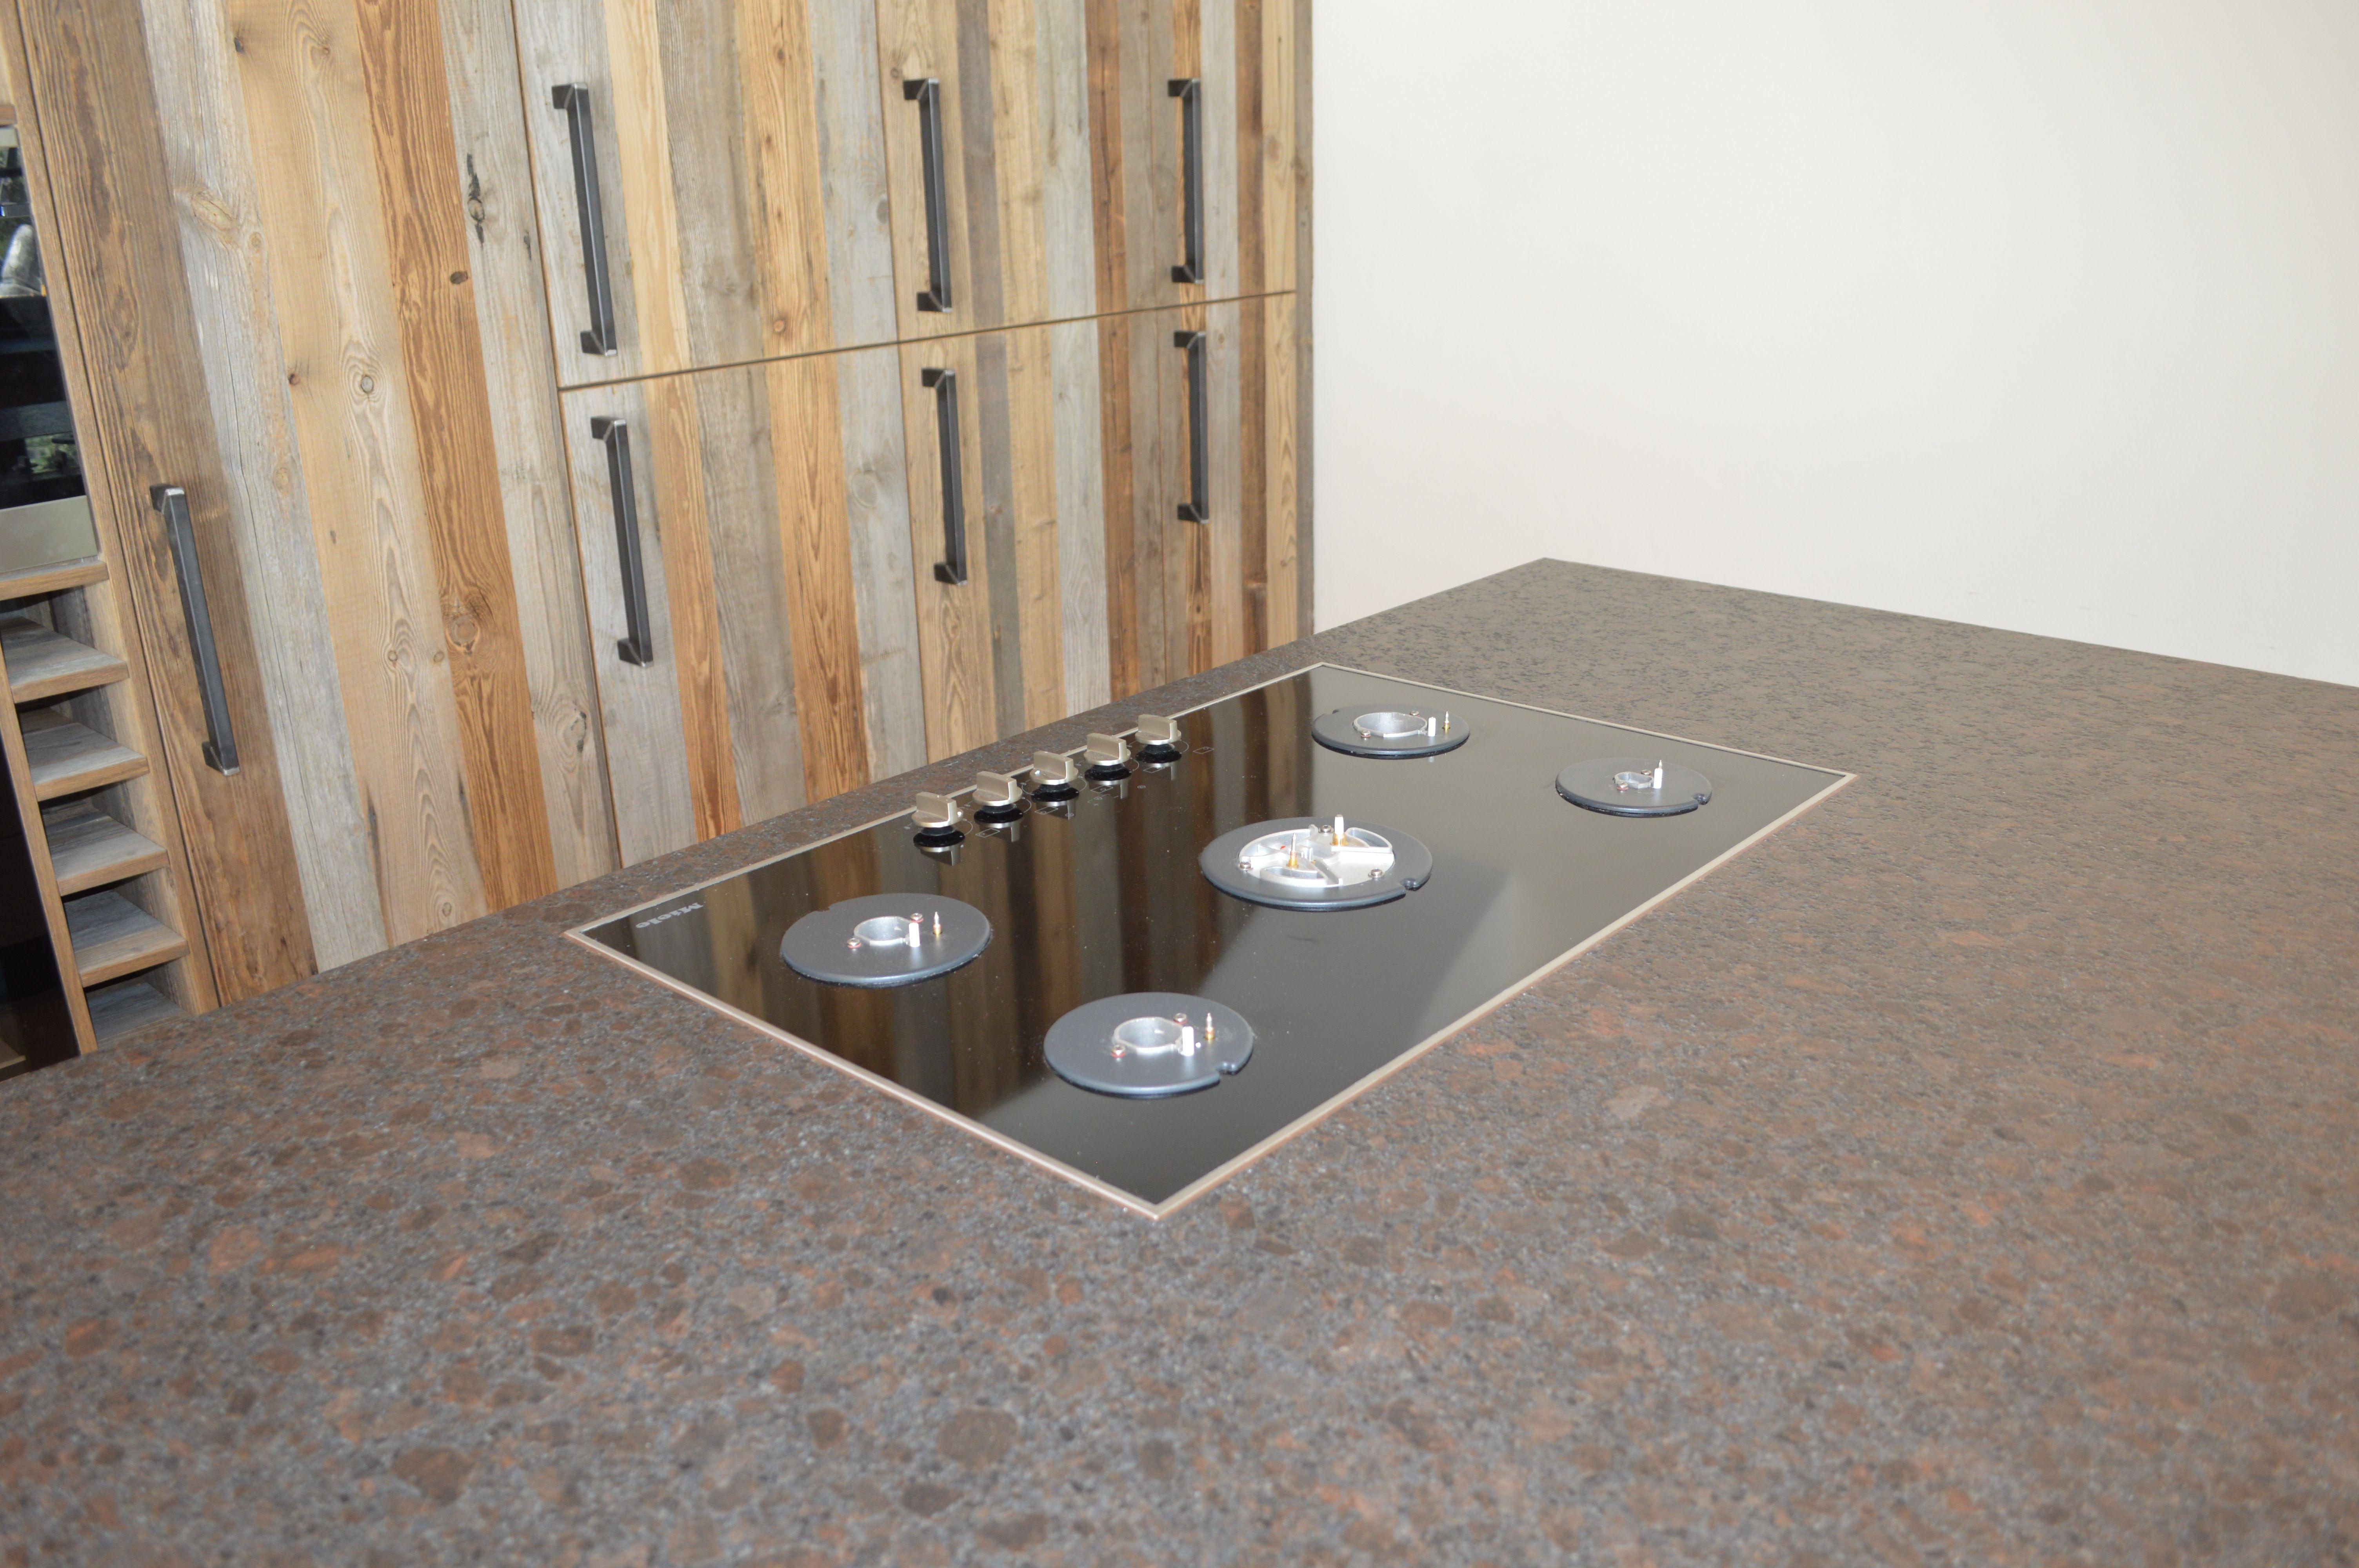 Einrichtung Für Die Küche Kochfeld Auf Einer Kücheninsel Mit Schränken Aus  Holz